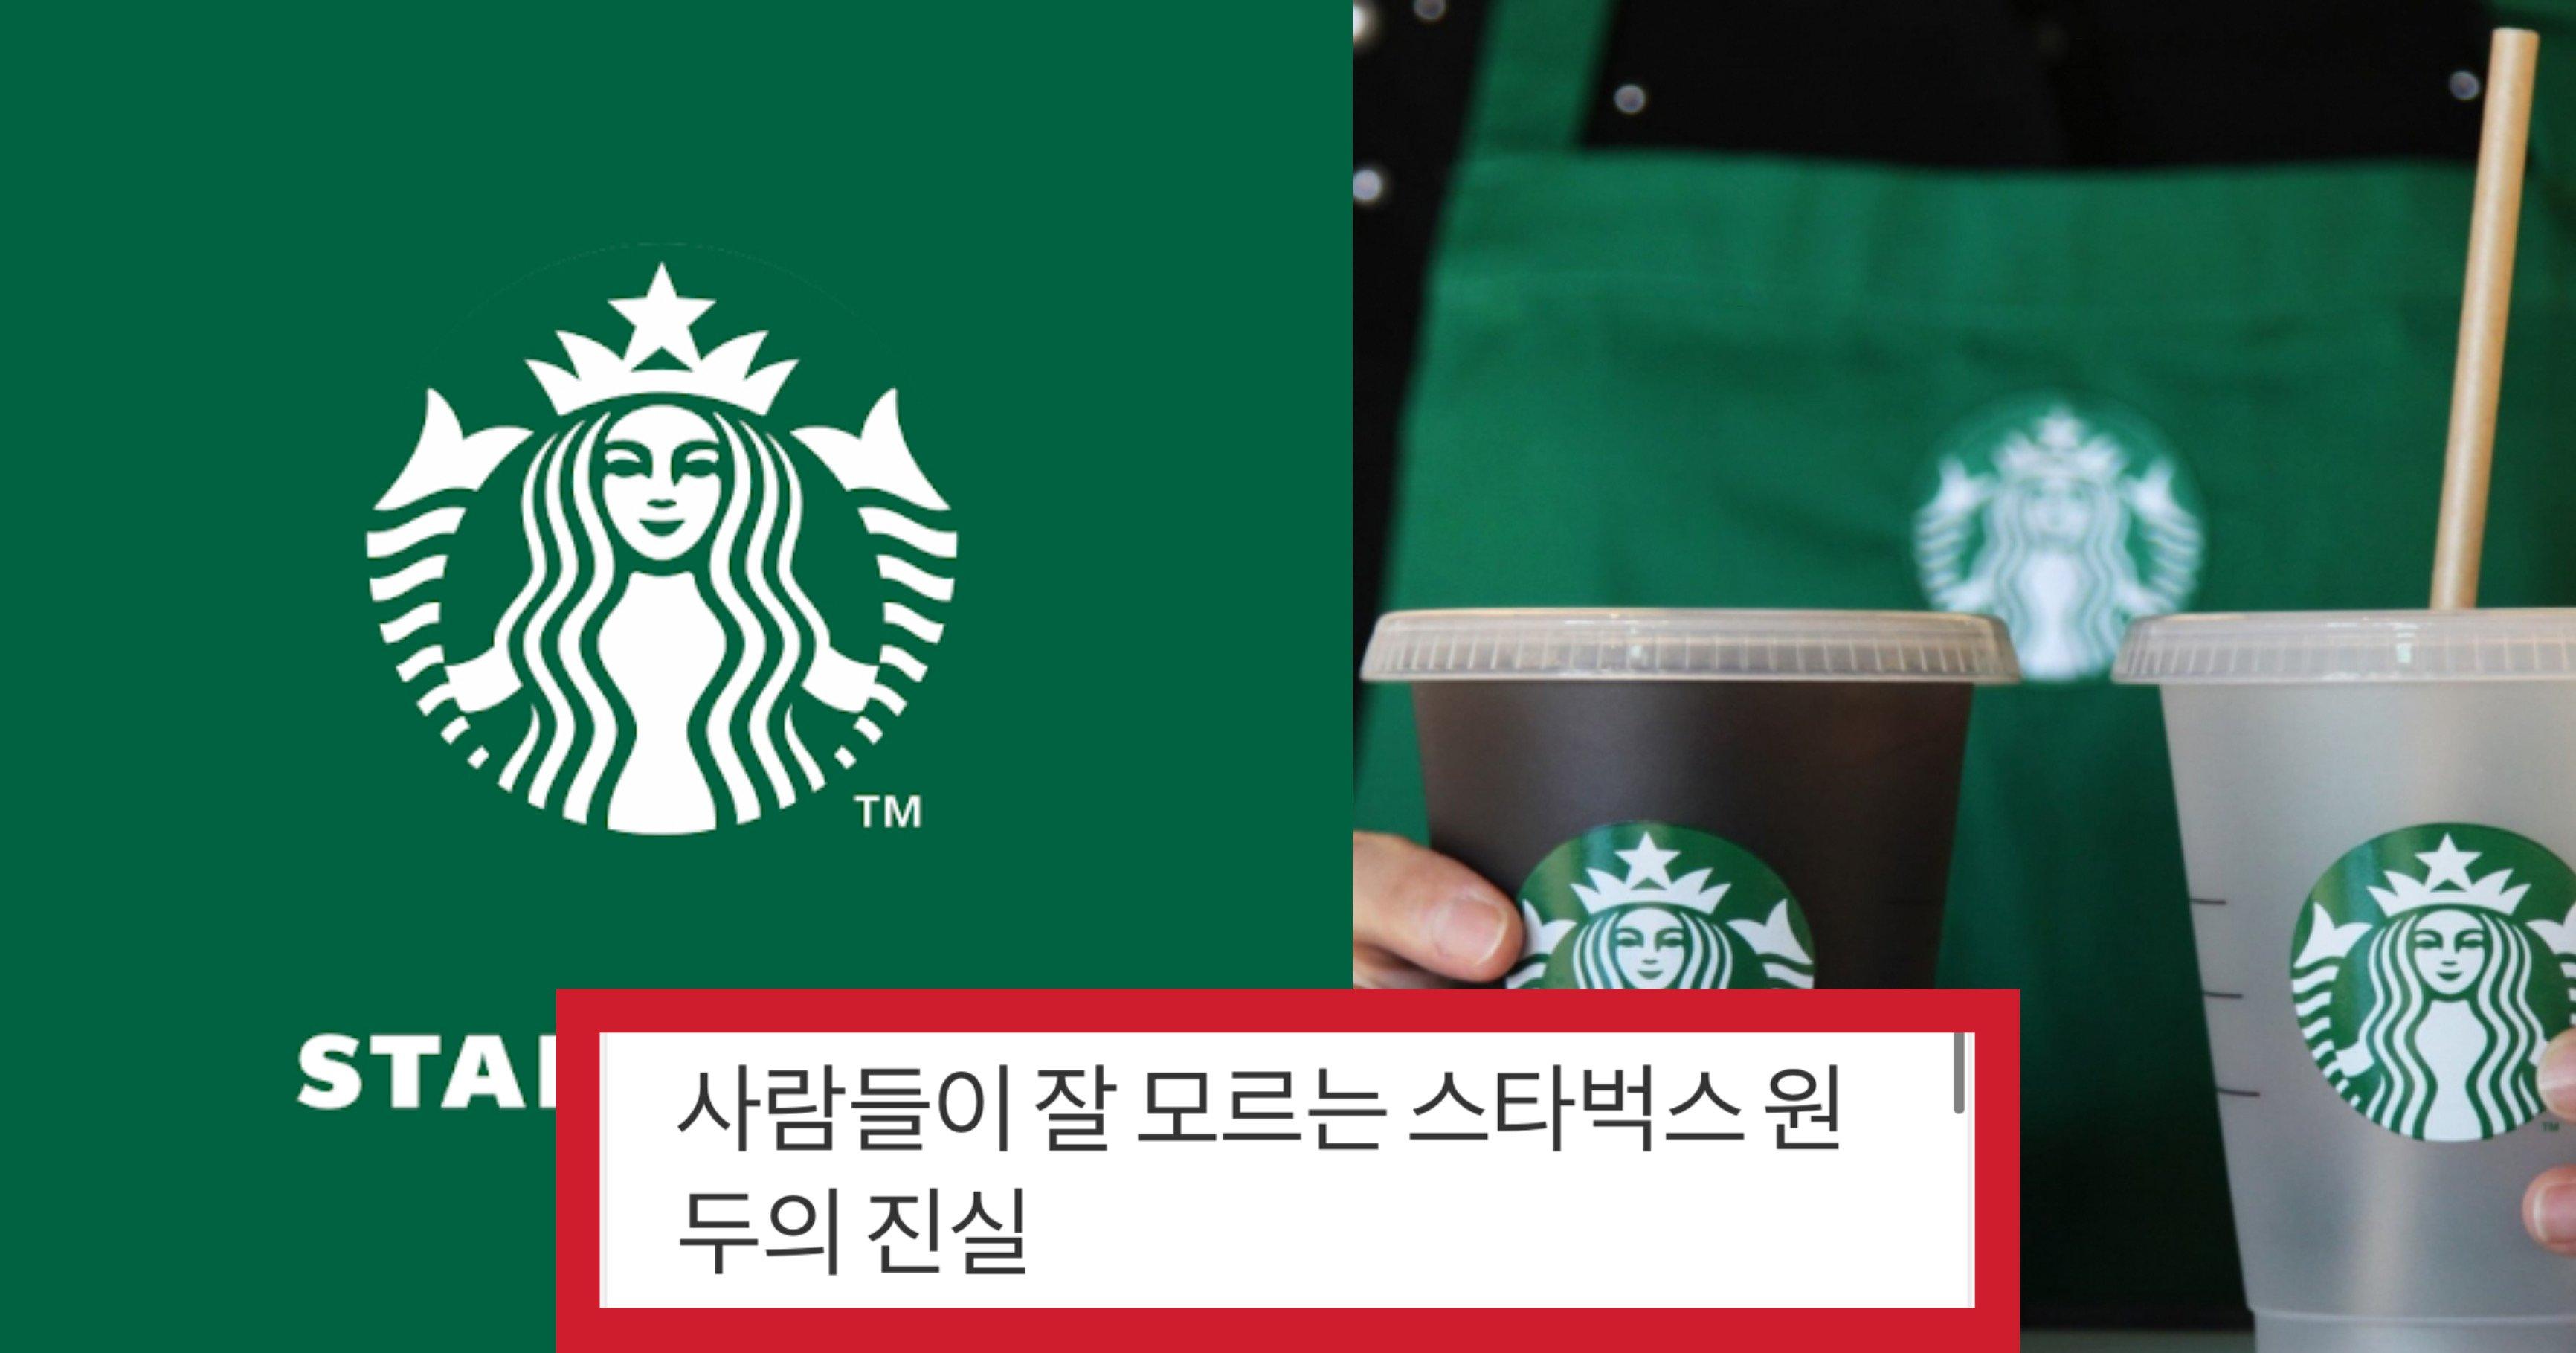 """00f50aa8 6b70 4a28 9147 5f47a78d97ec.jpeg?resize=412,232 - """"엥 내가 맨날 이런 커피를 먹는거였어?""""..사람들은 모르는 스타벅스 커피 원두의 '충격적인' 진실(+비교)"""